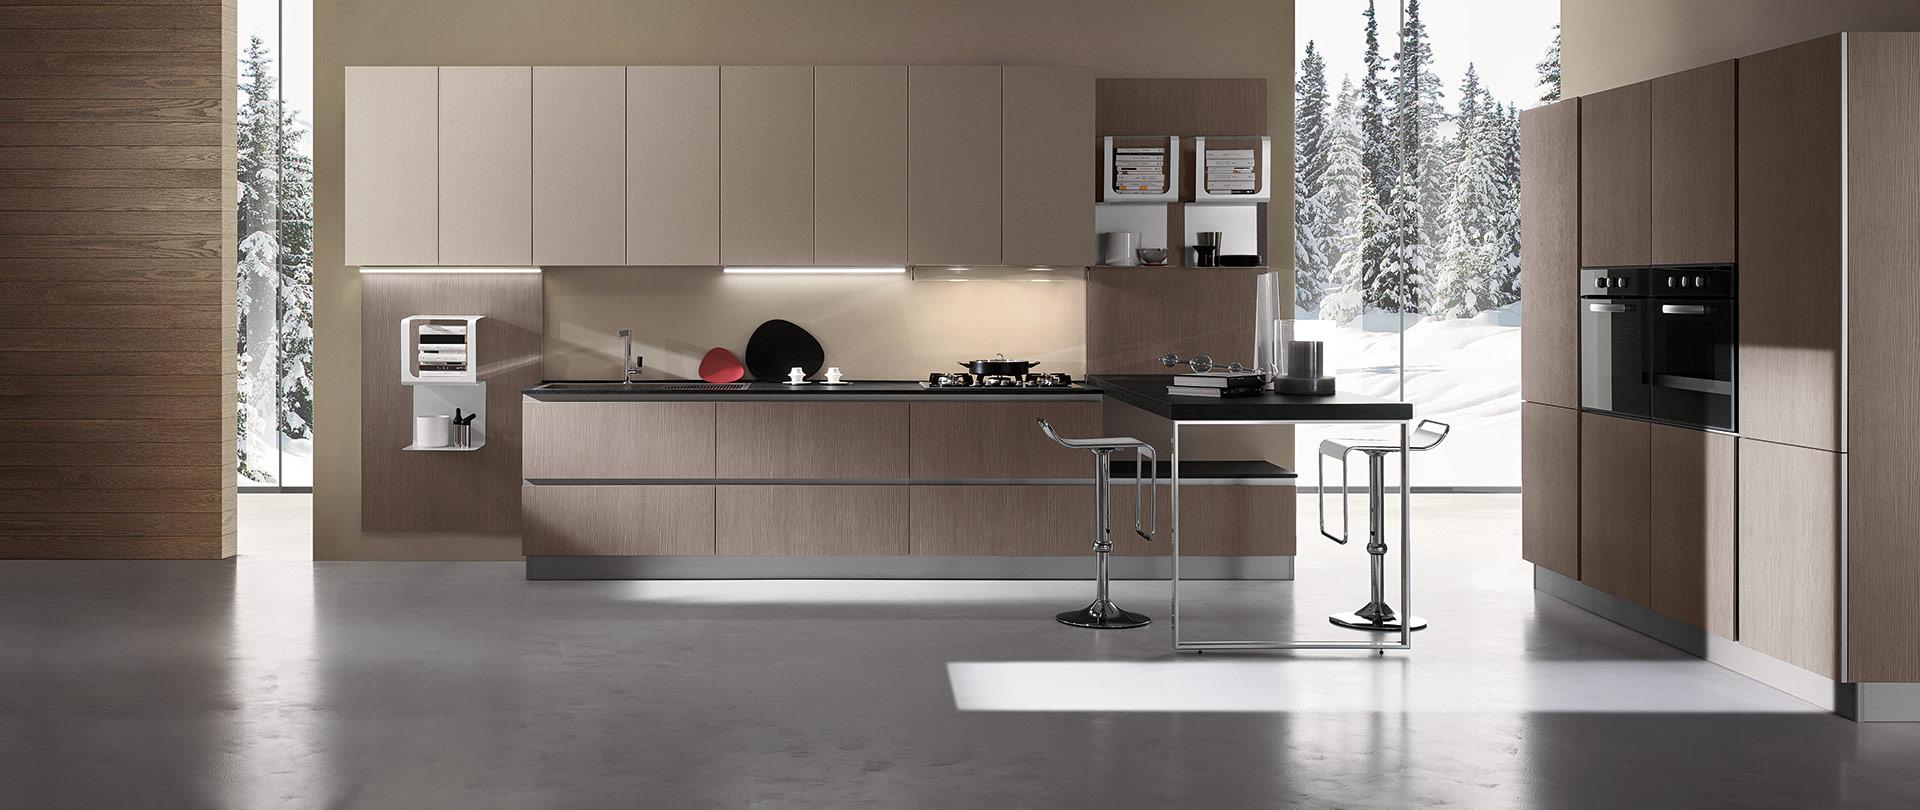 Cucinissima - Cucine Moderne e Componibili - Suddivisione Zone